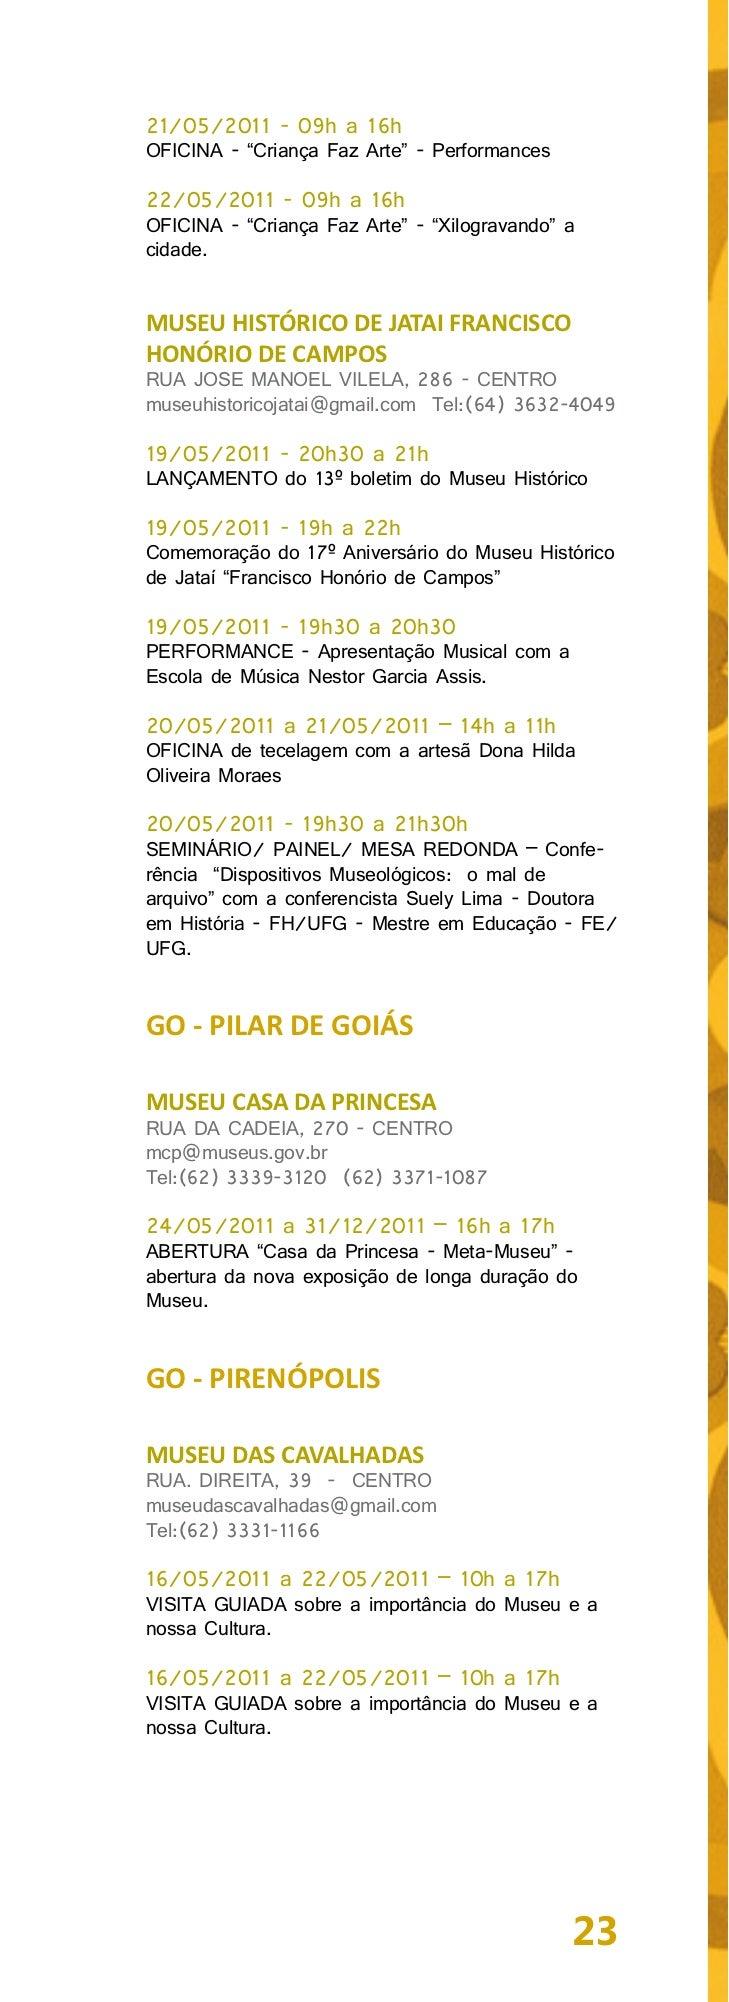 MUSEU DO DIVINOAV. BERNARDO SAYÃO, S/N - CENTRO HISTÓRICOmuseudodivino@gmail.com Tel:(62) 9226-312016/05/2011 a 22/05/2011...